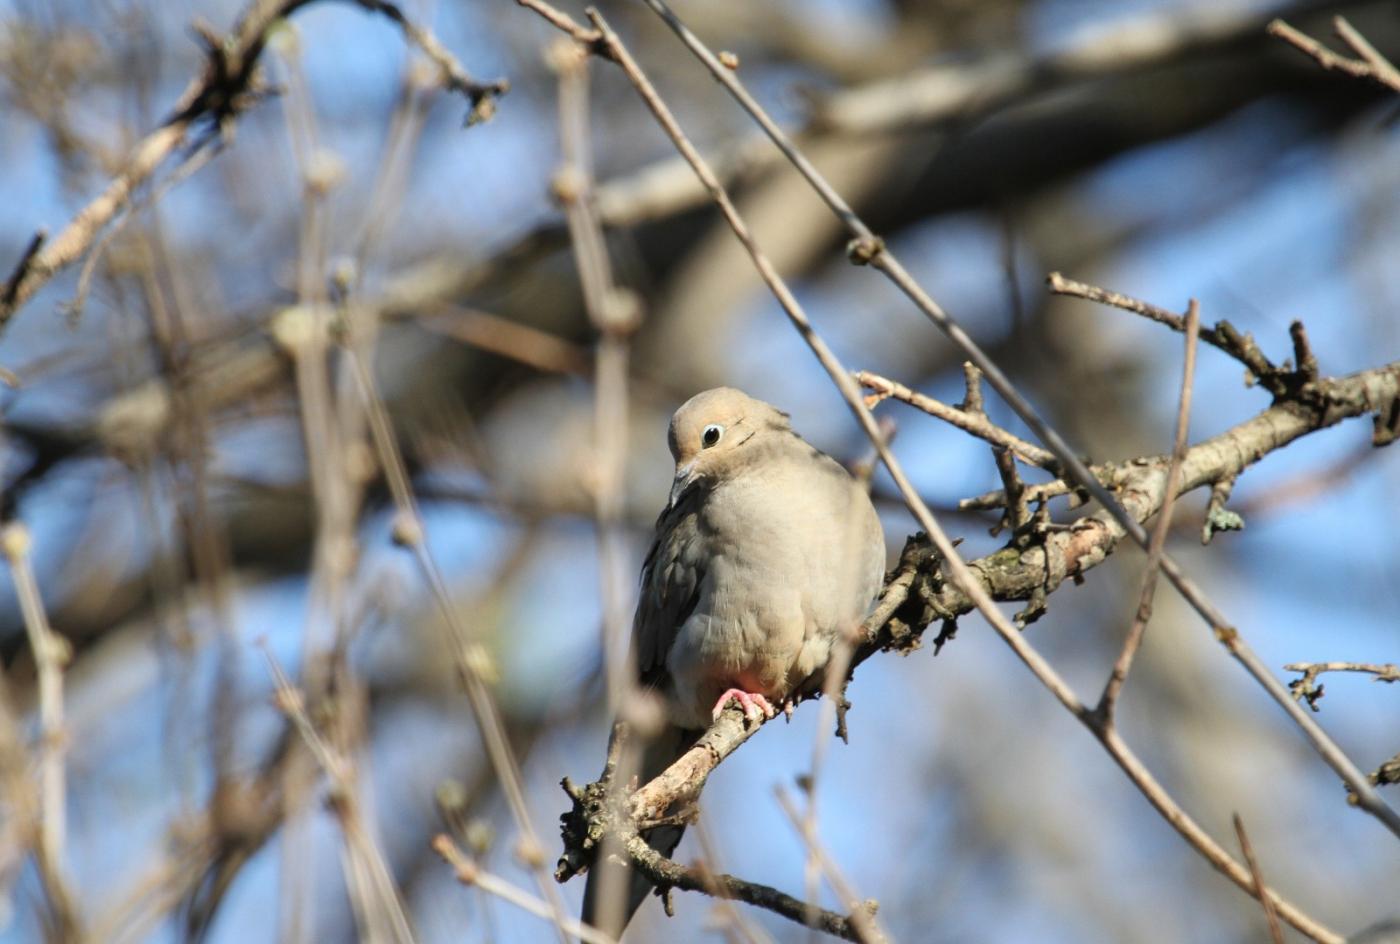 【田螺手机摄影】这个季节我后院最鸟语花香_图1-6